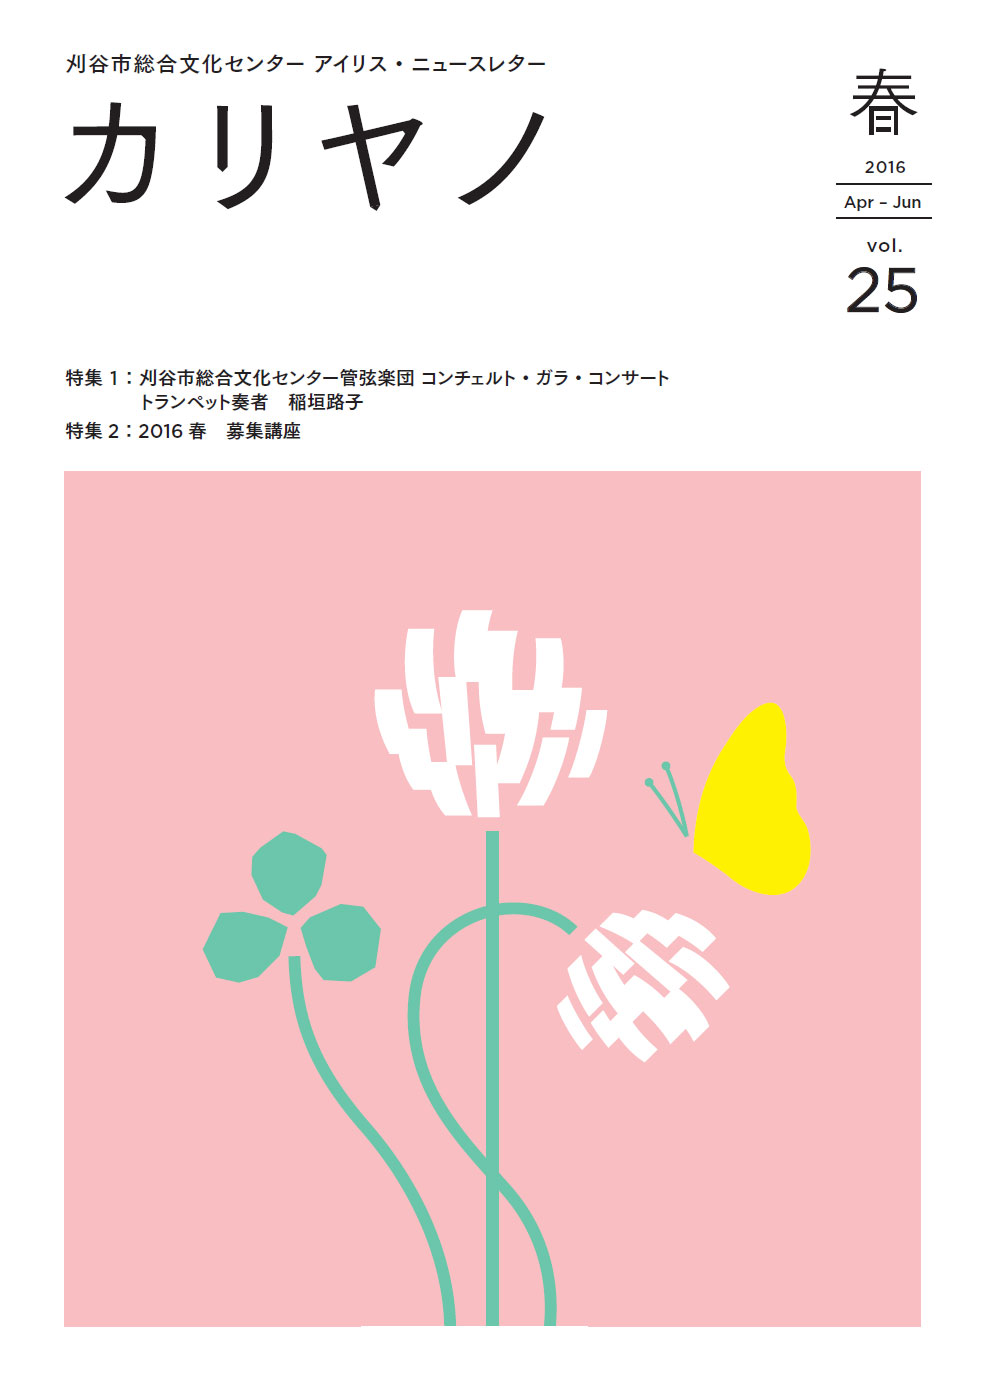 カリヤノvol.25春号